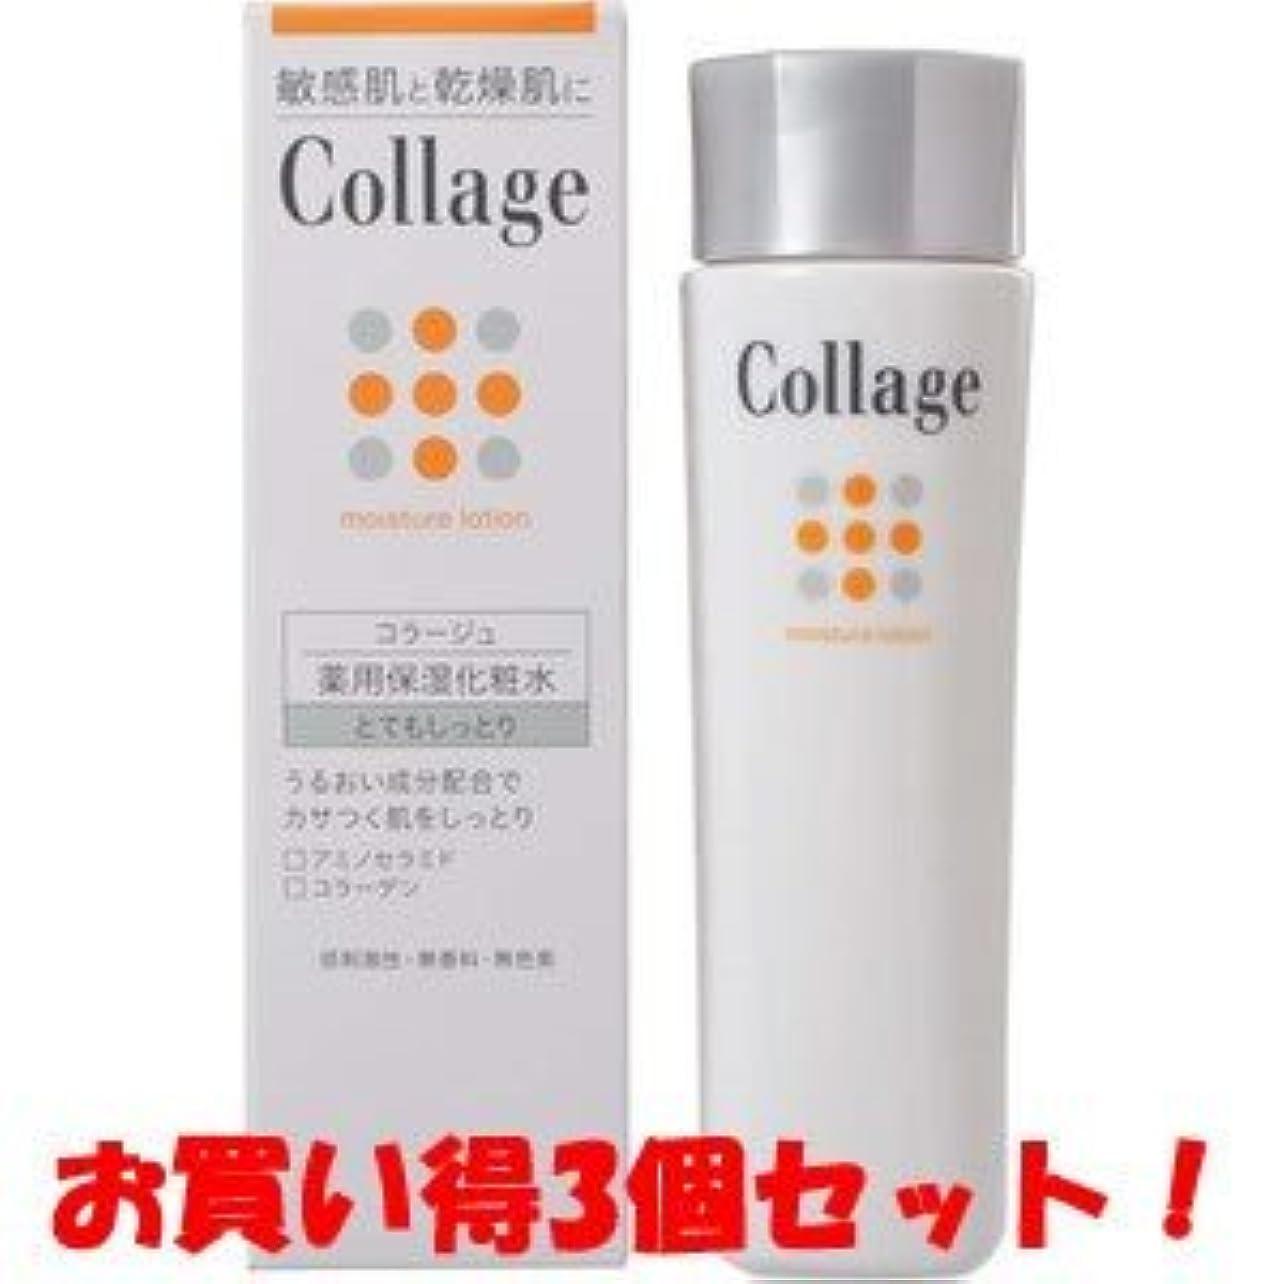 意気消沈した農夫放送(持田ヘルスケア)コラージュ 薬用保湿化粧水 とてもしっとり 120ml(医薬部外品)(お買い得3個セット)